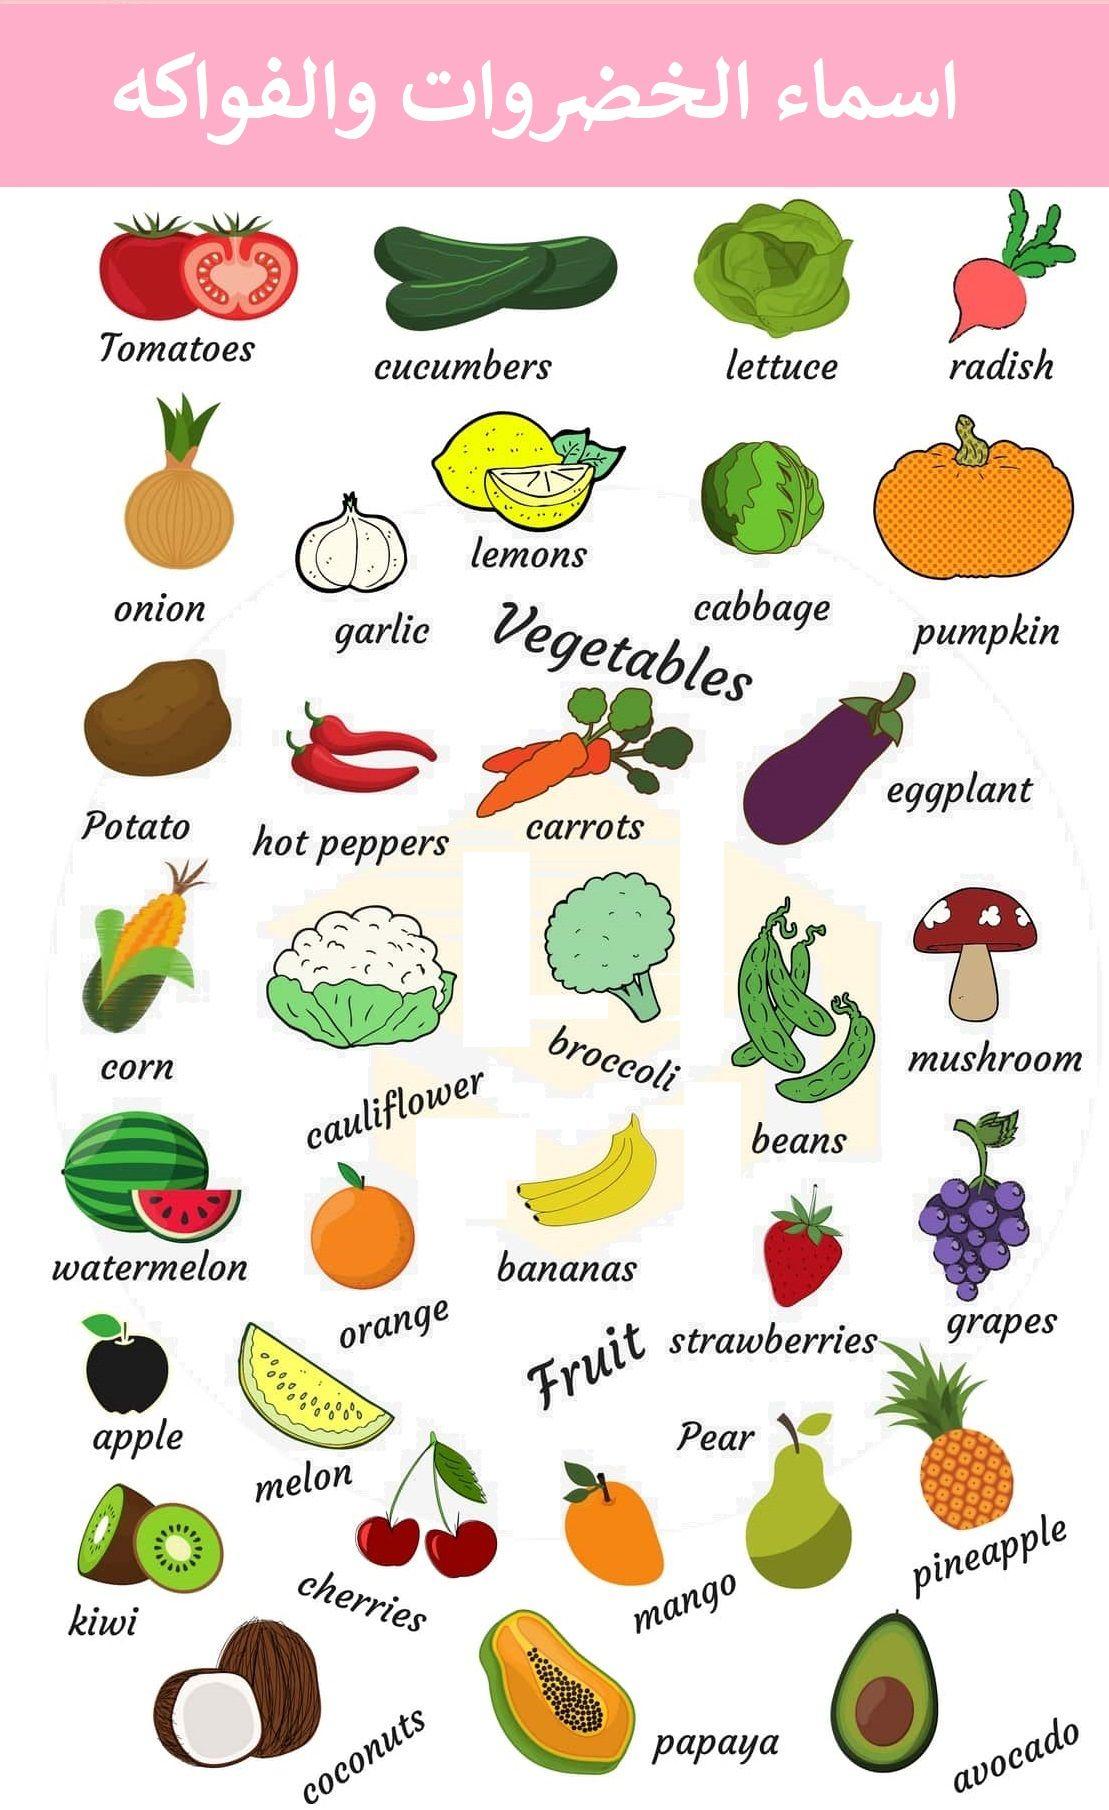 اسماء الخضروات والفواكه بالانجليزية Learning English For Kids Learn English English Vocabulary